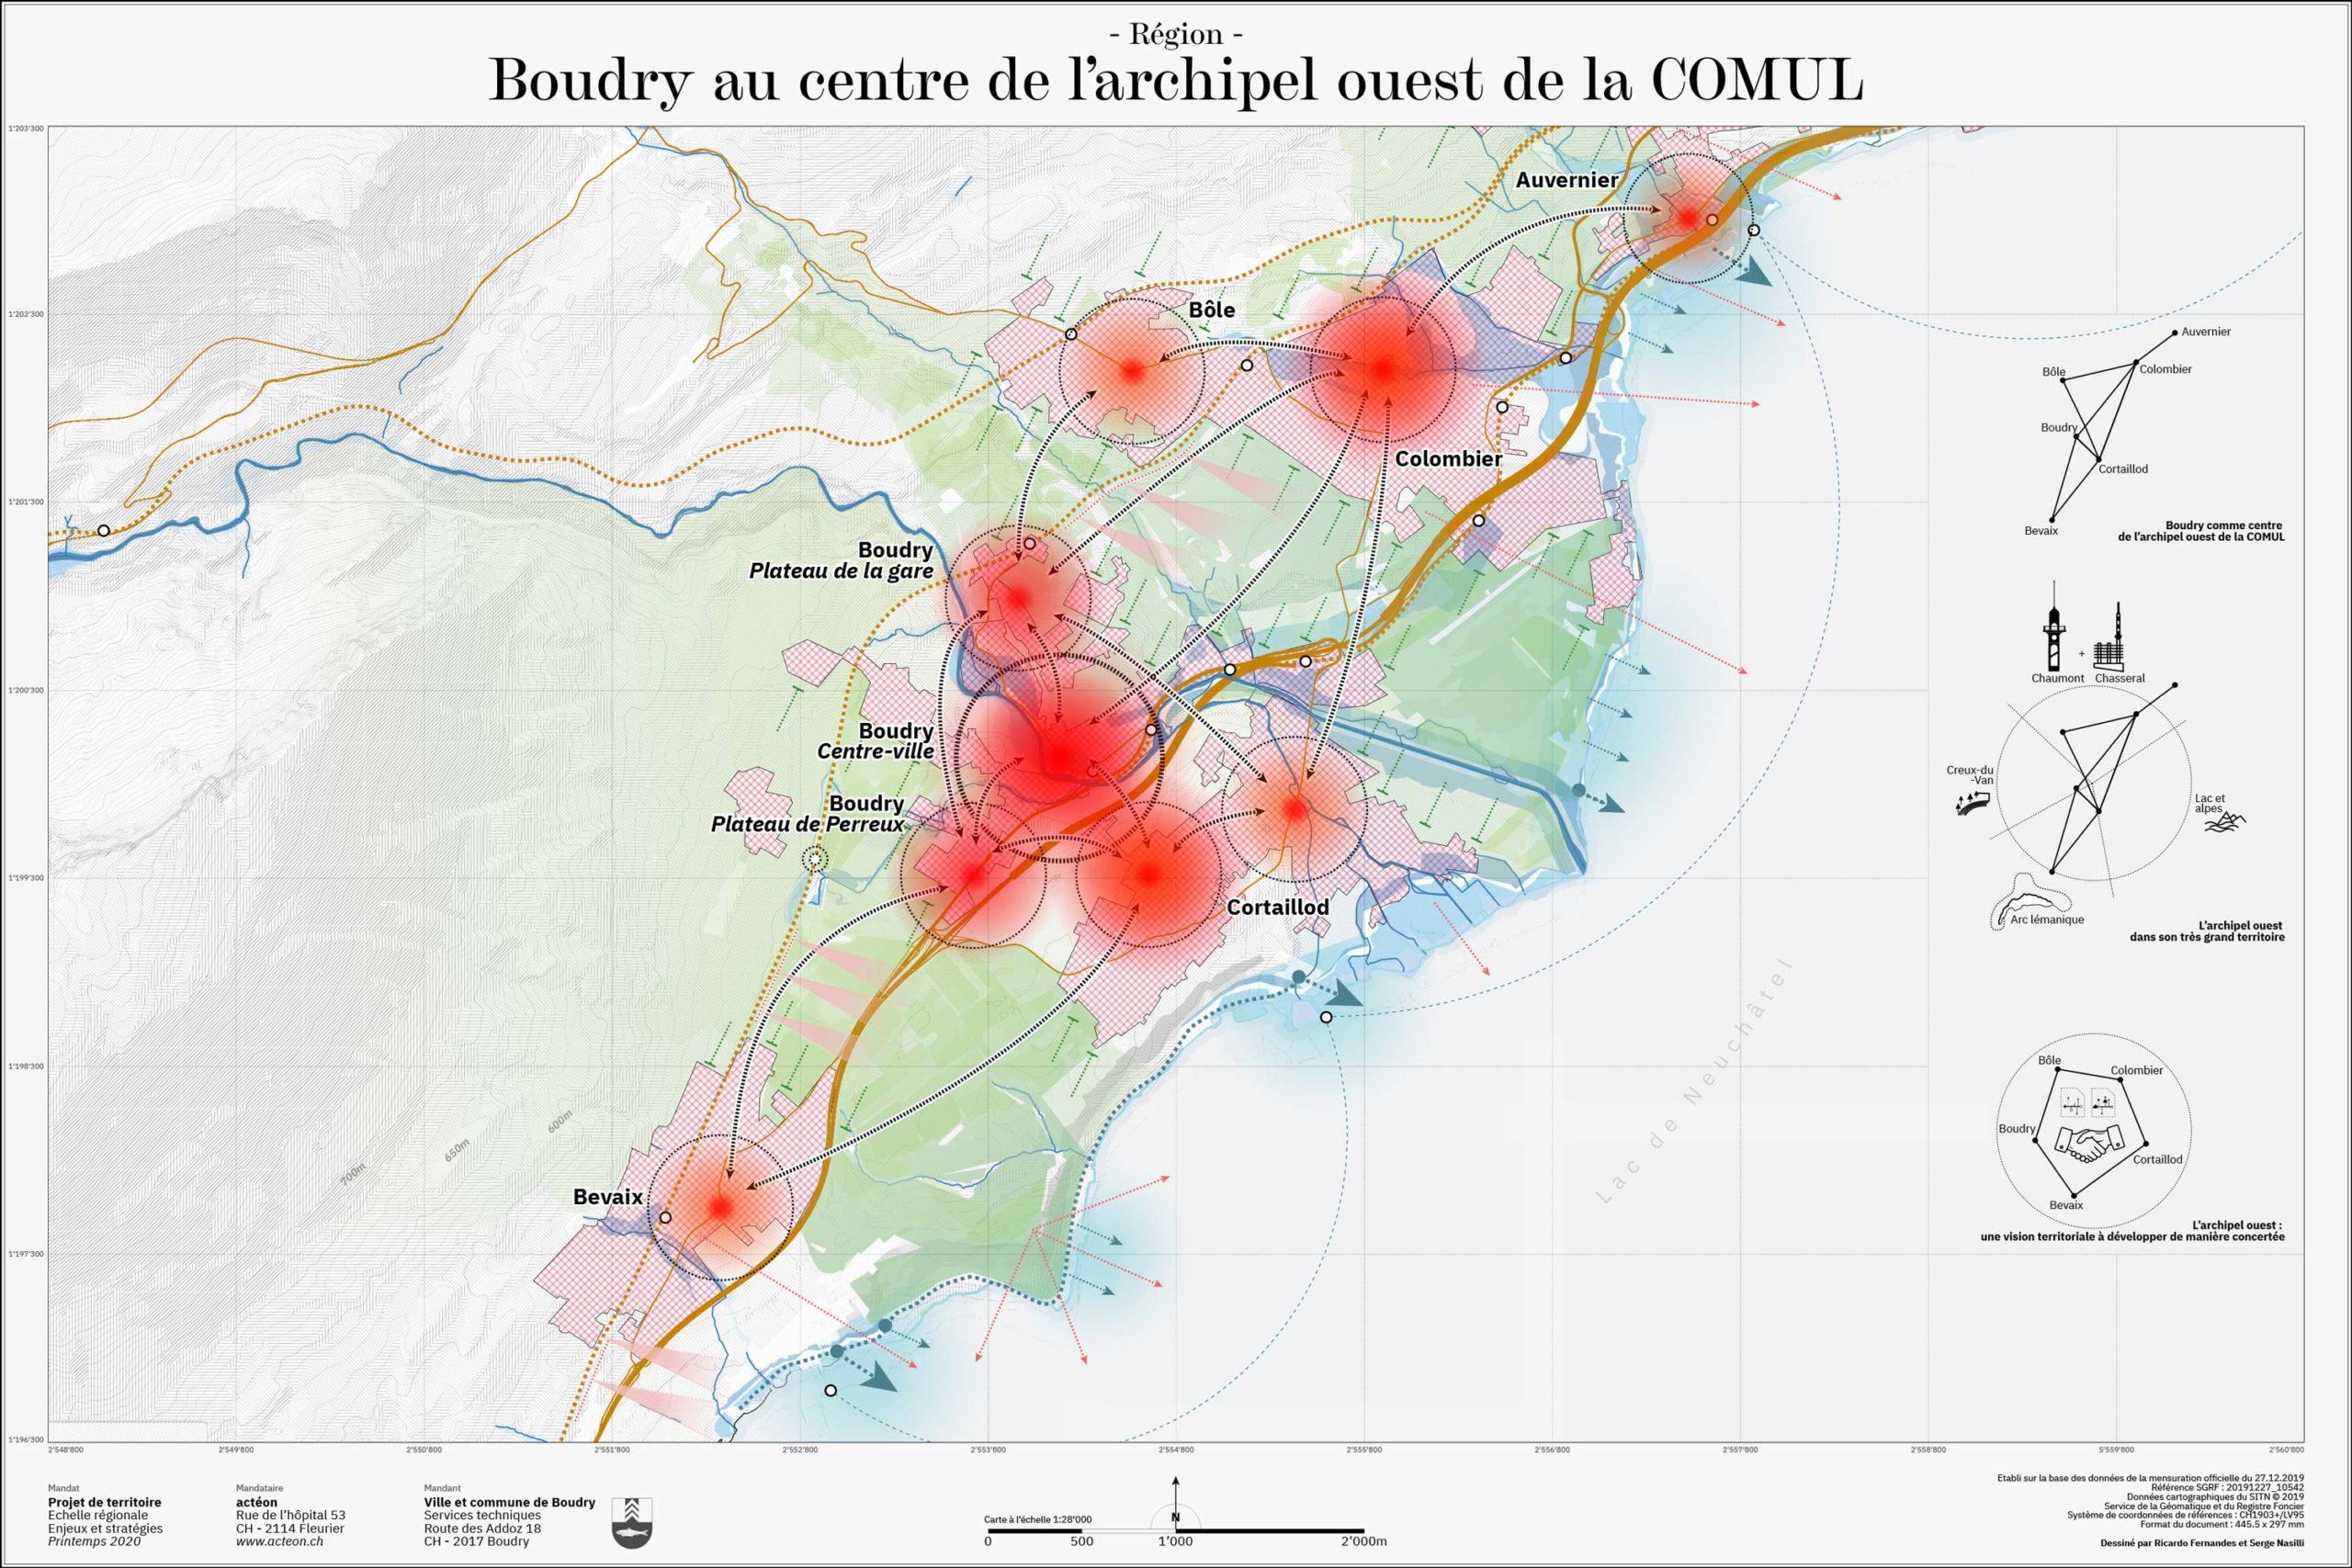 COMUL cartographie urbanisme actéon